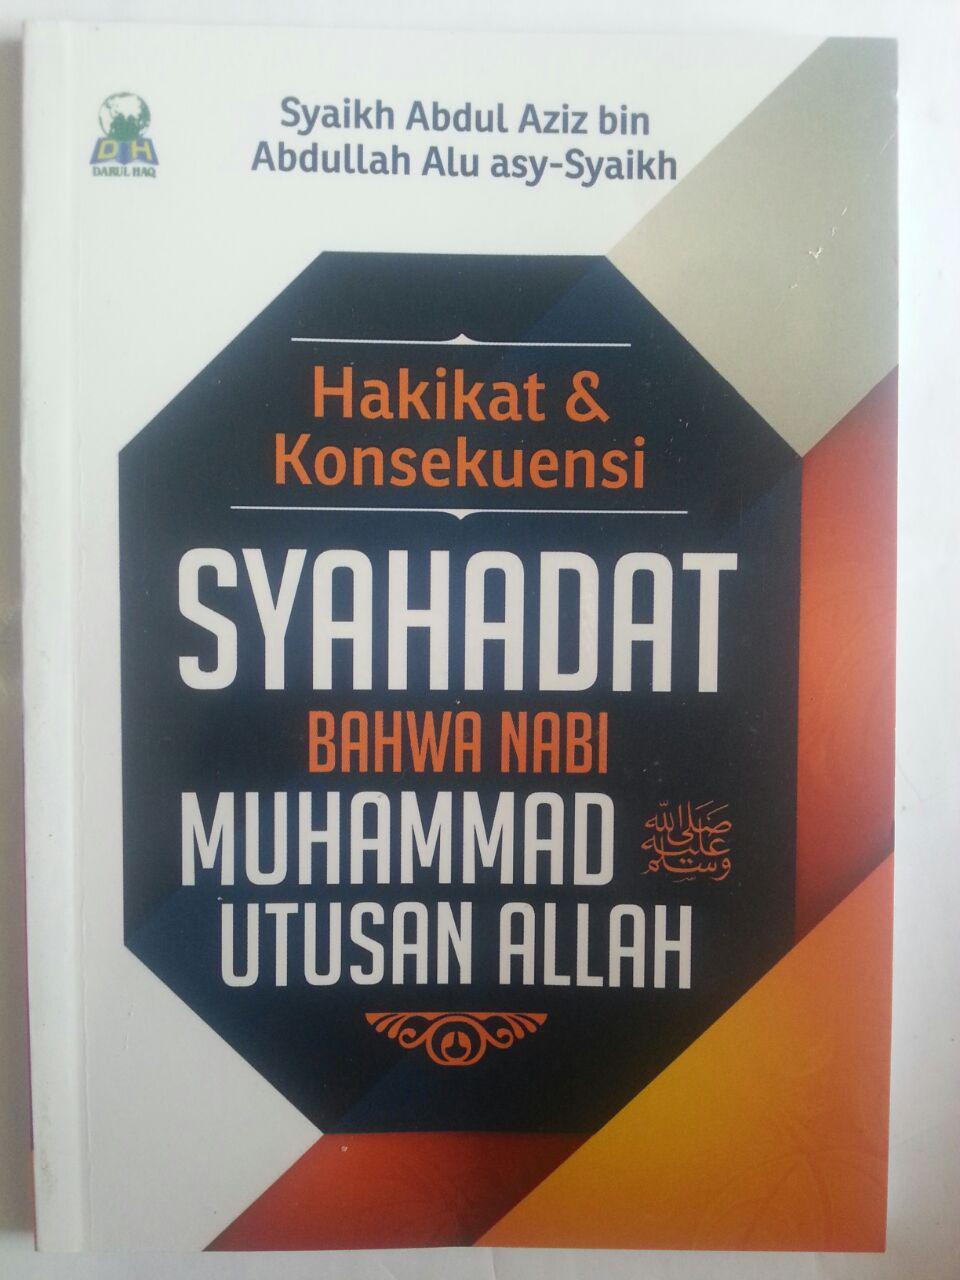 Buku Hakikat Dan Konsekuensi Syahadat Nabi Muhammad Utusan Allah cover 2